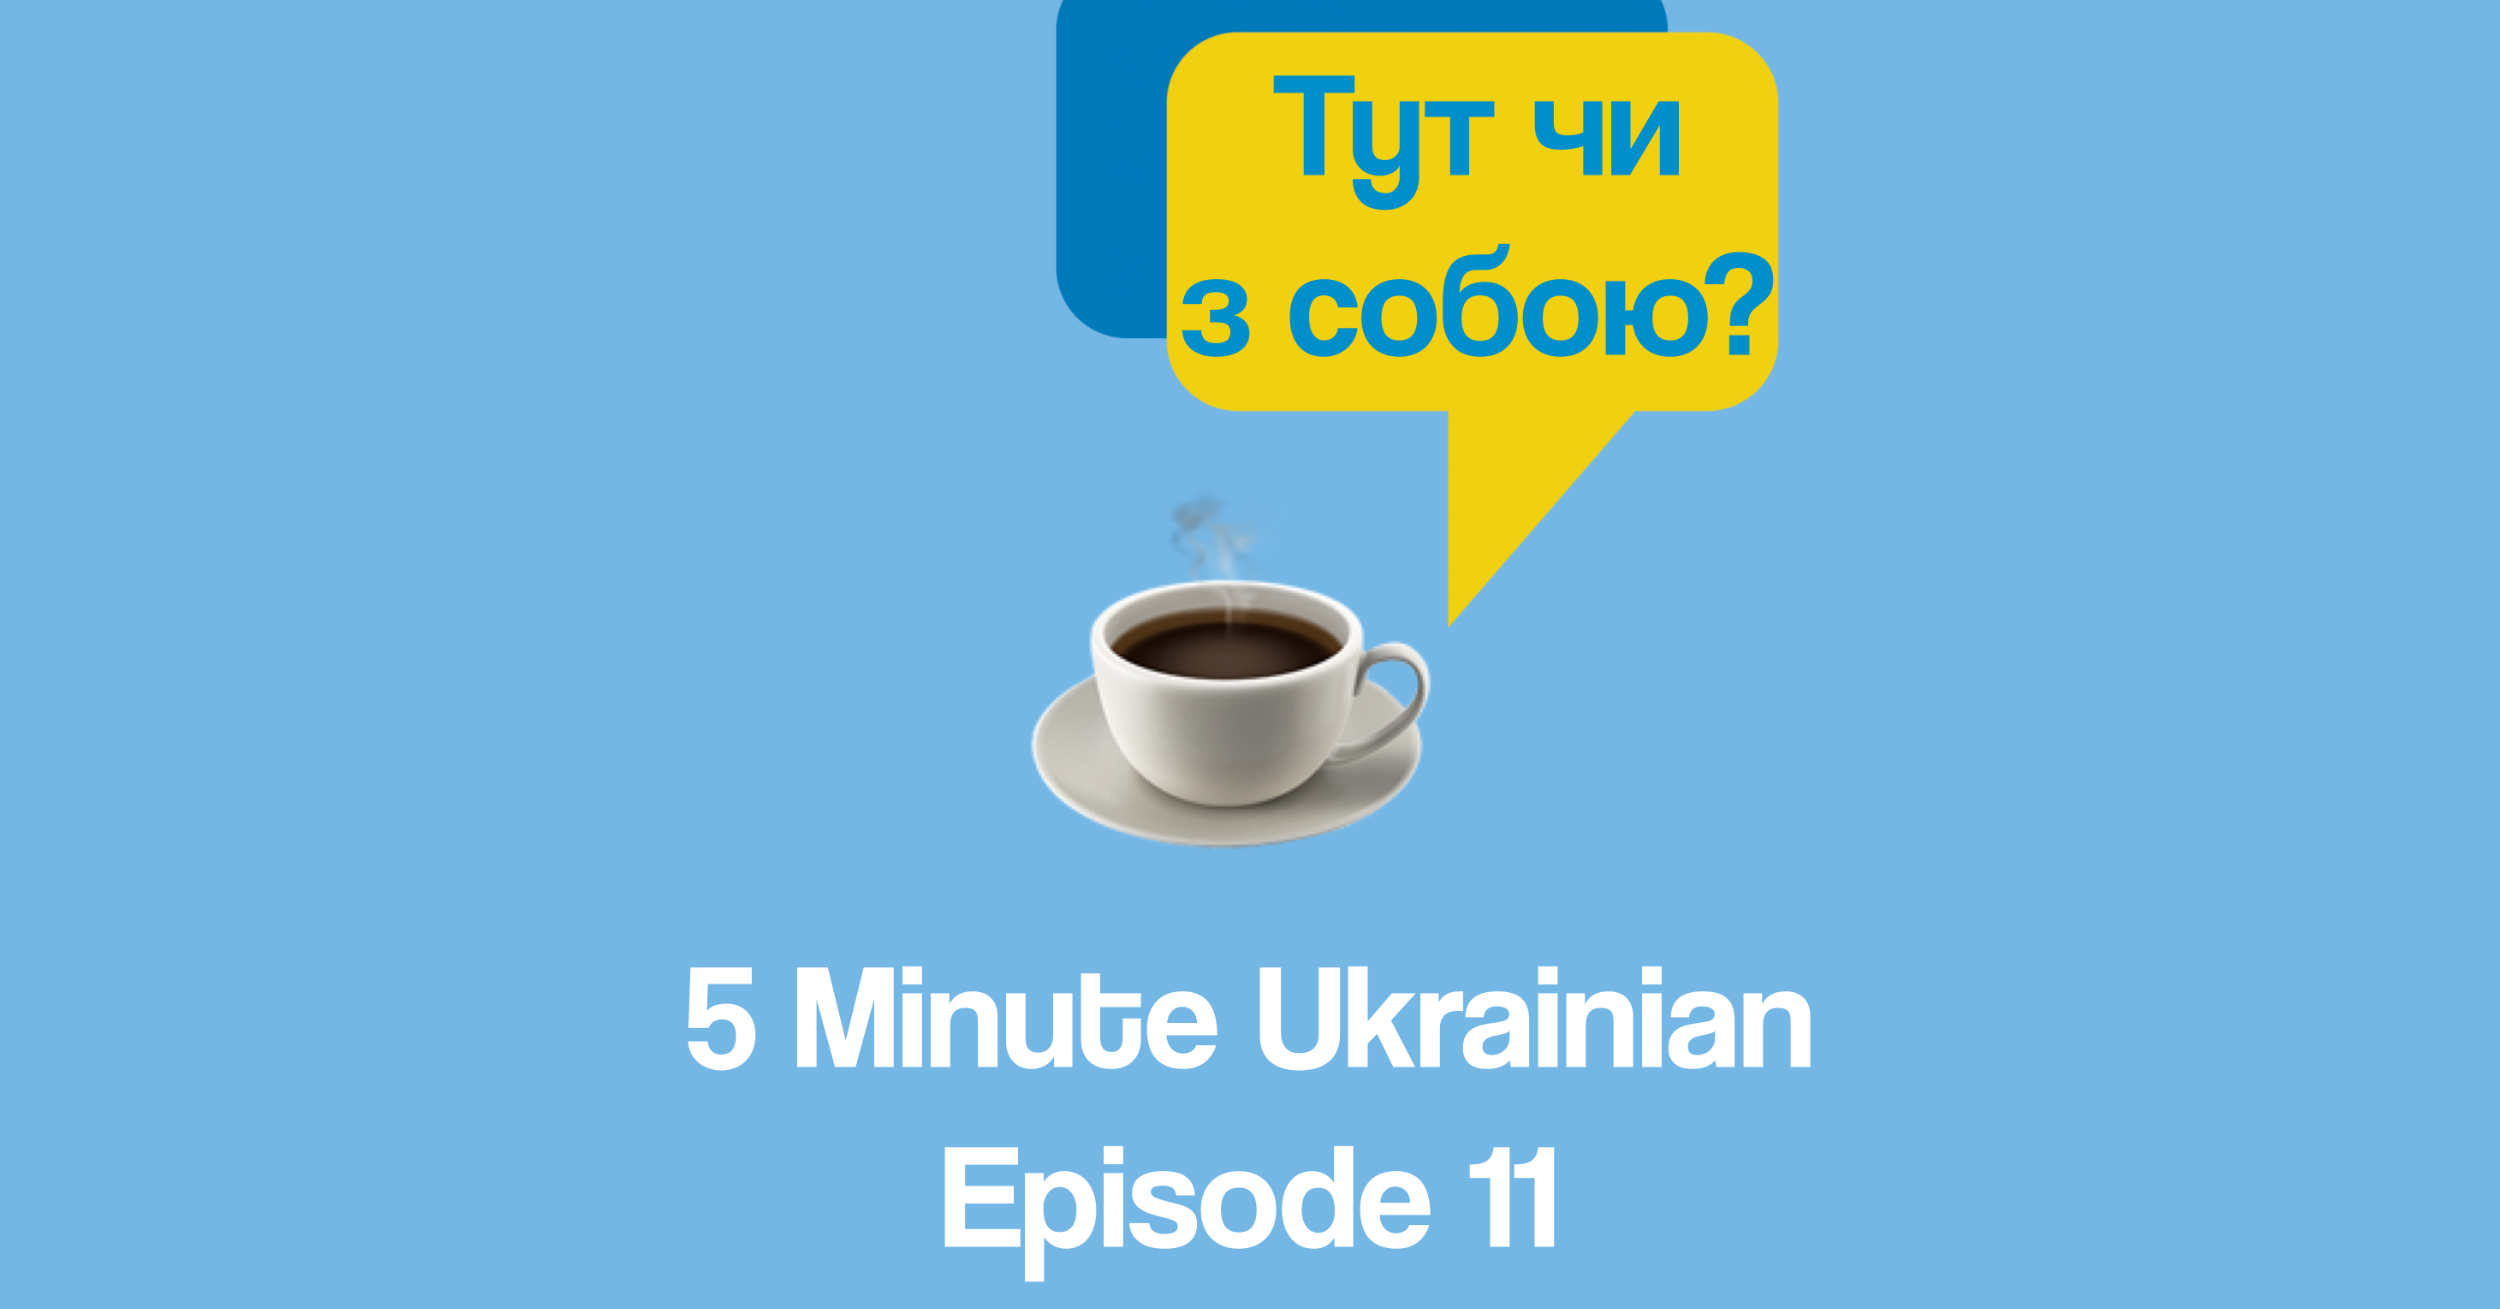 ordering a coffee in Ukrainian